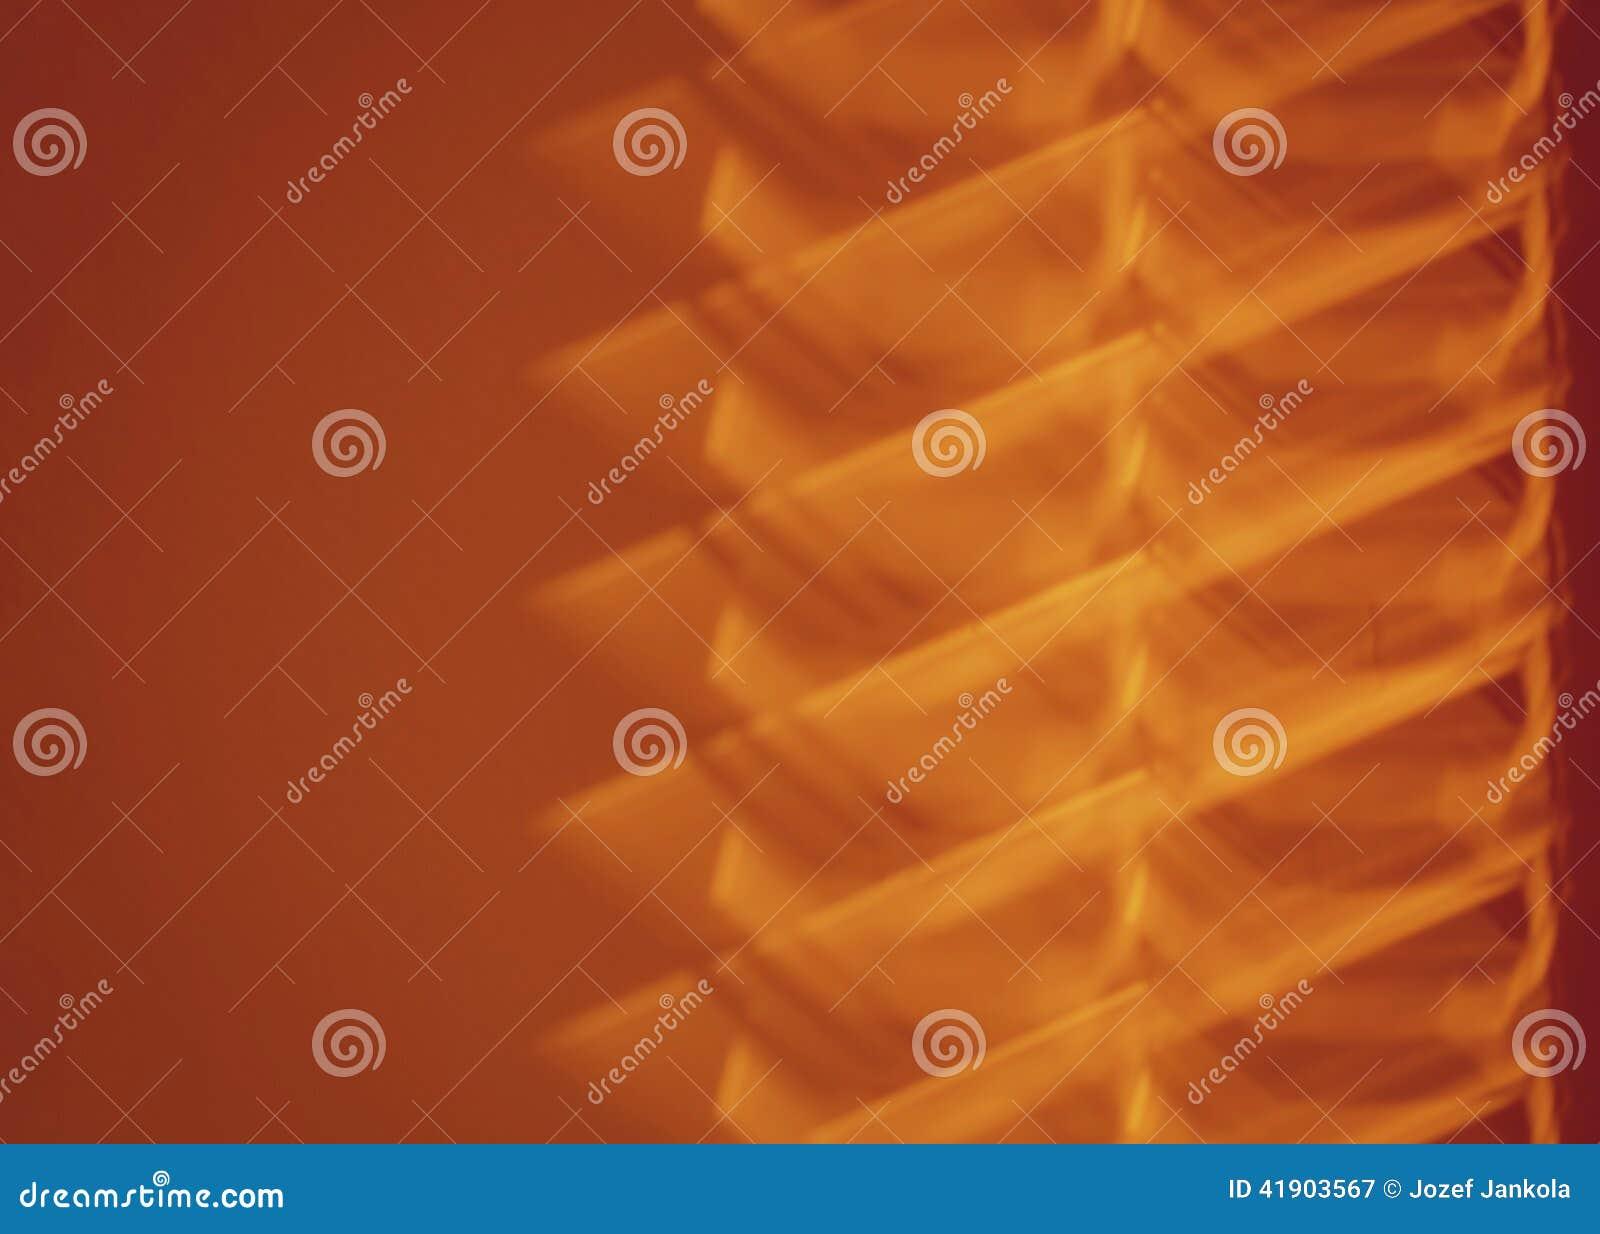 Sombra de persianas en la pared anaranjada